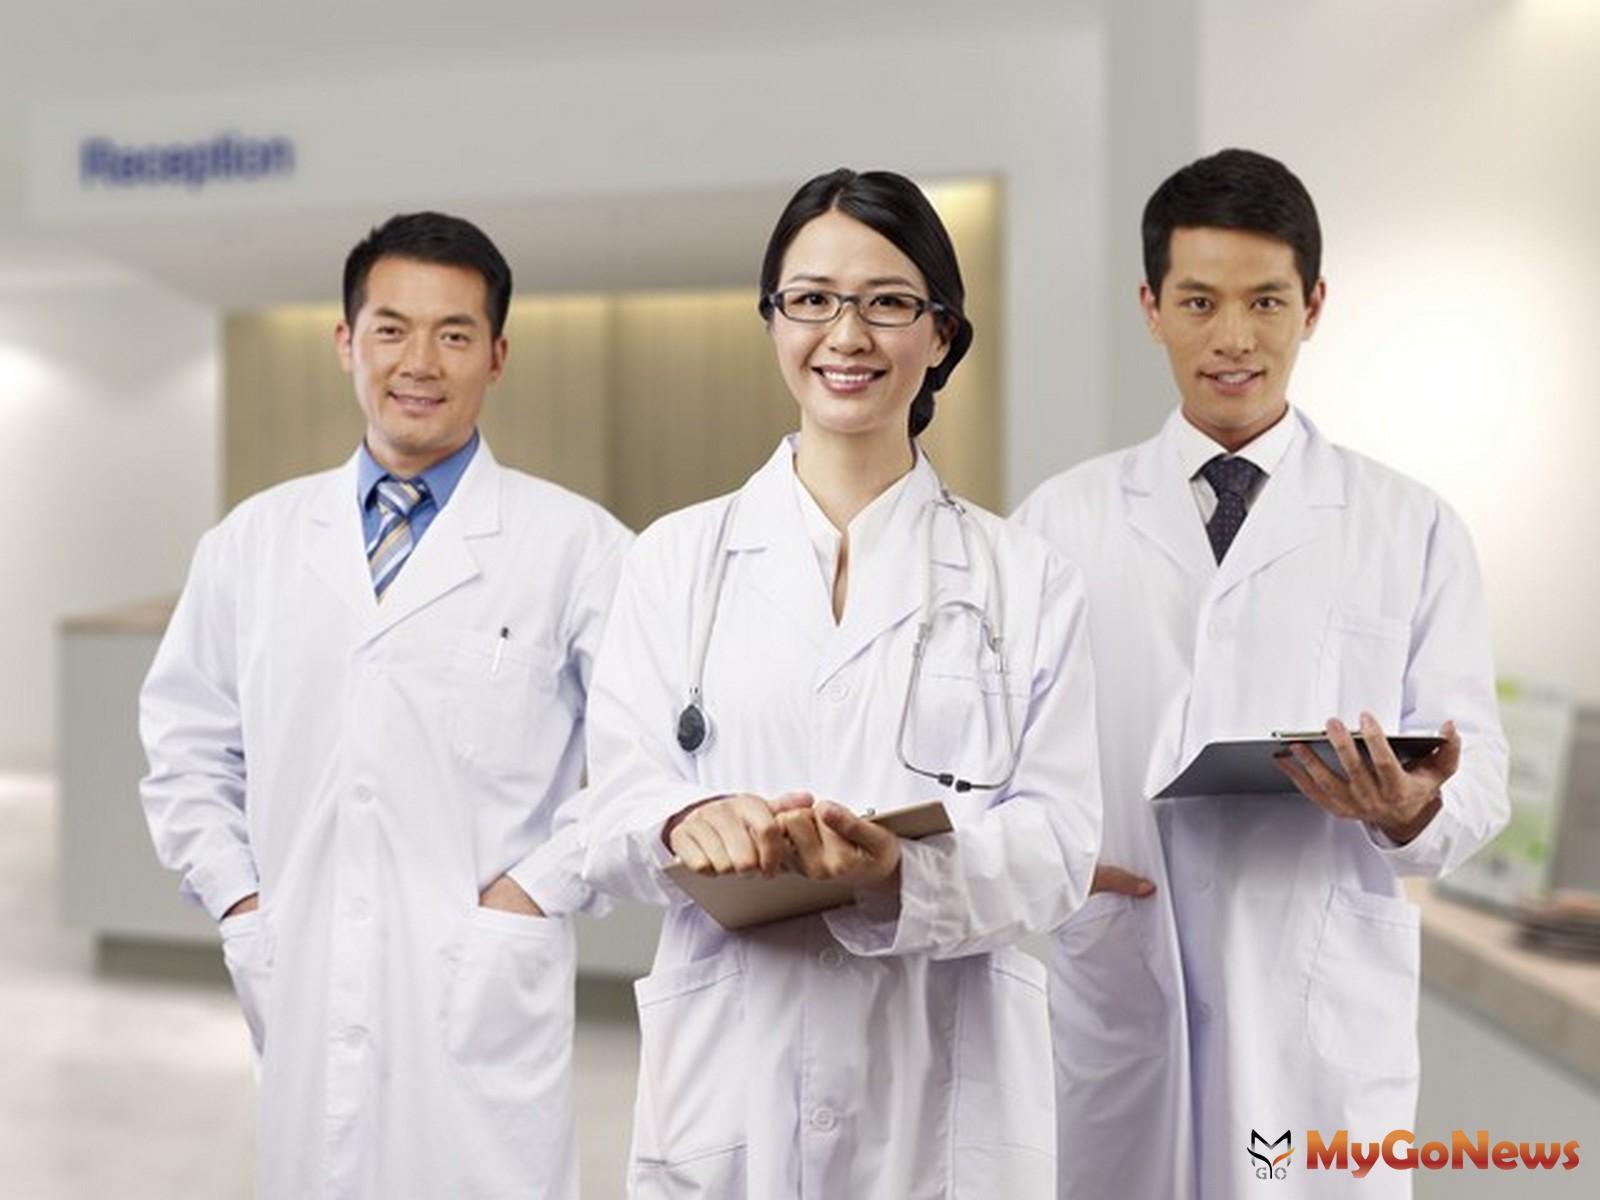 台灣人口老化也是提升醫院宅需求的重要因素,過去認為醫院是嫌惡設施的觀念如今已逐漸改觀,不少民眾都開始注意醫院周遭的房市動態。 MyGoNews房地產新聞 市場快訊